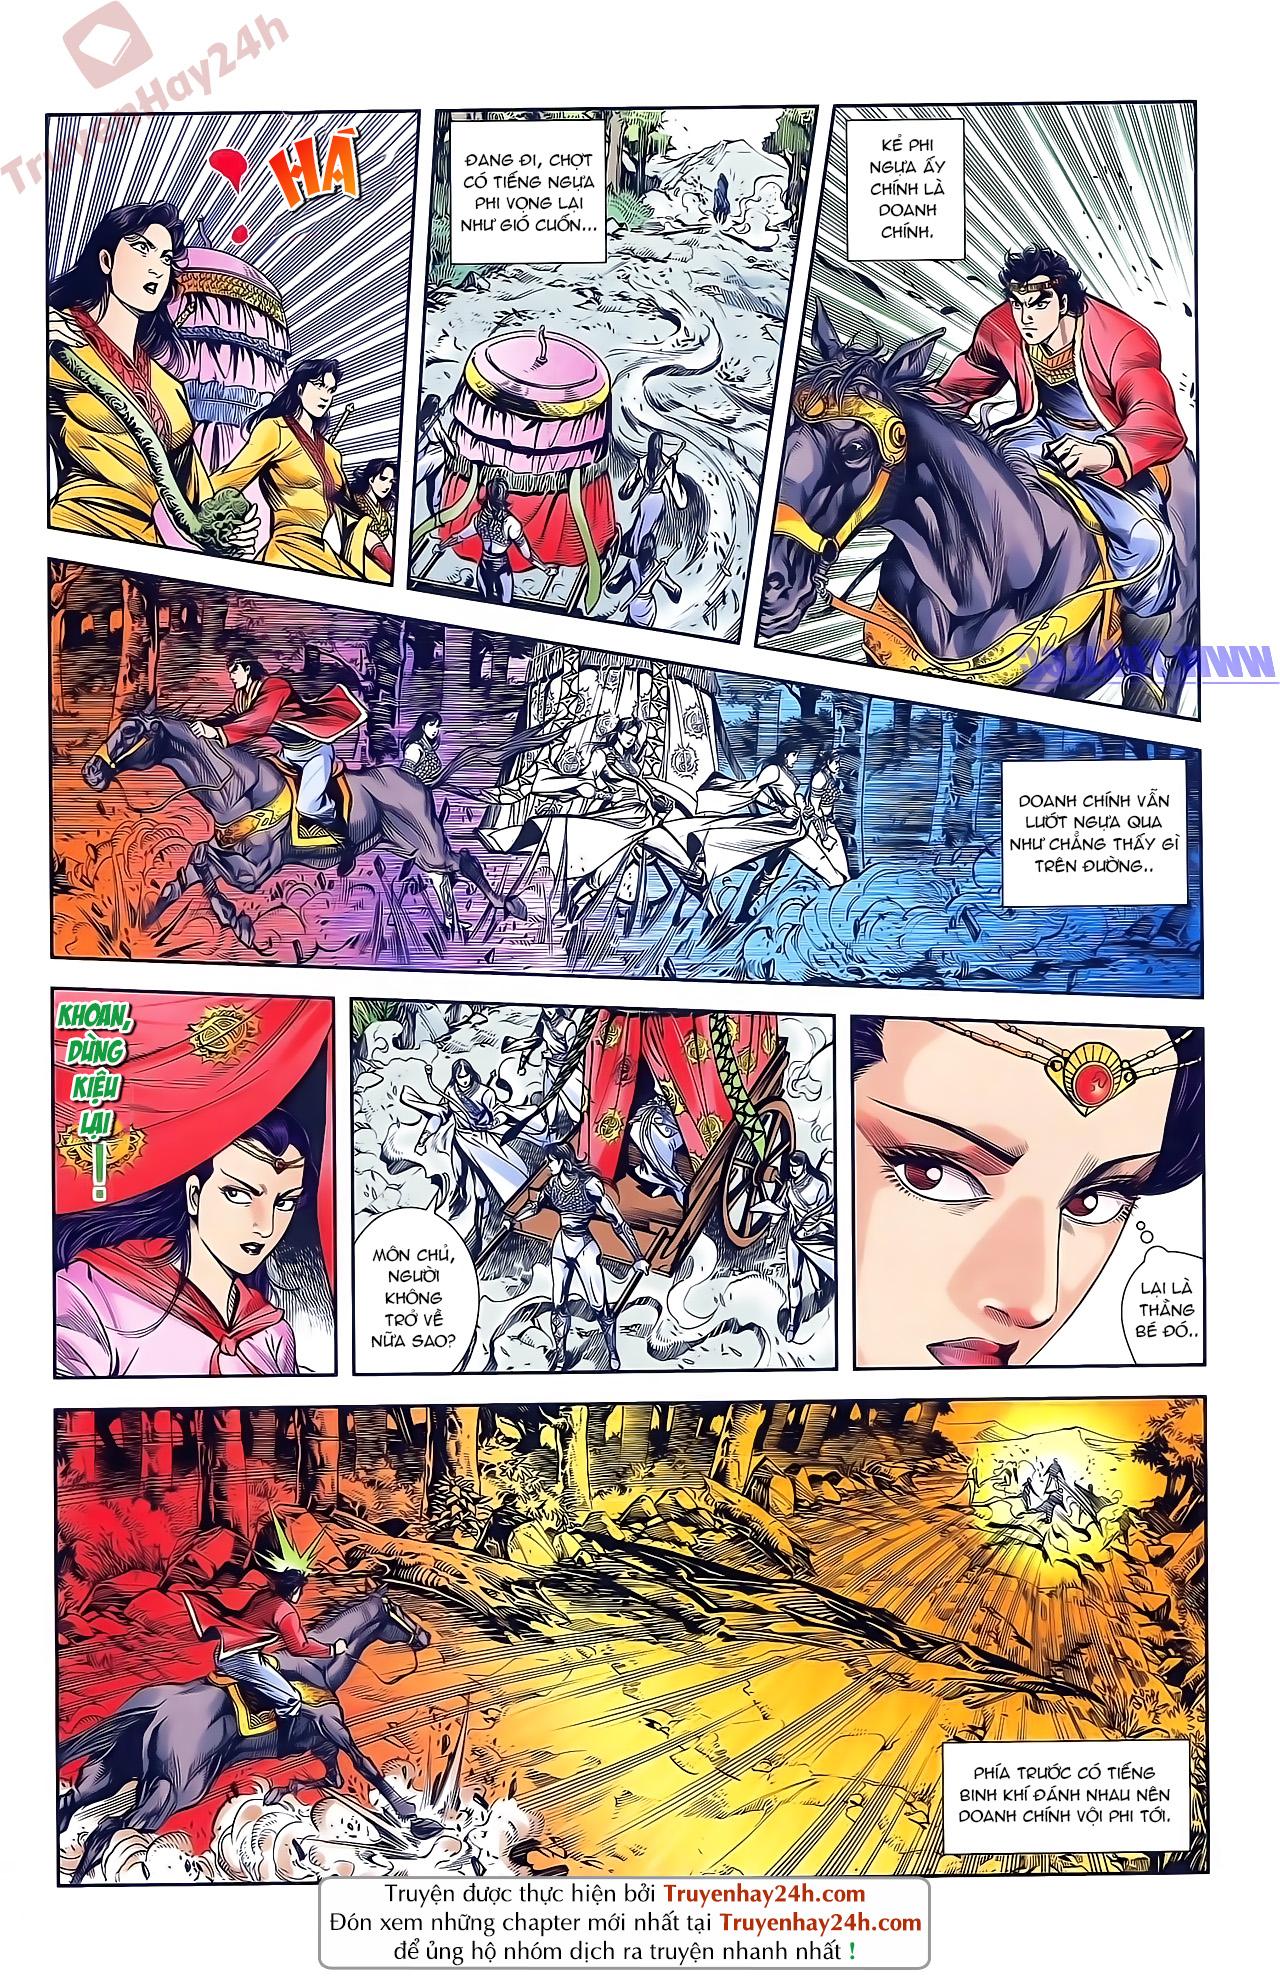 Tần Vương Doanh Chính chapter 46 trang 22